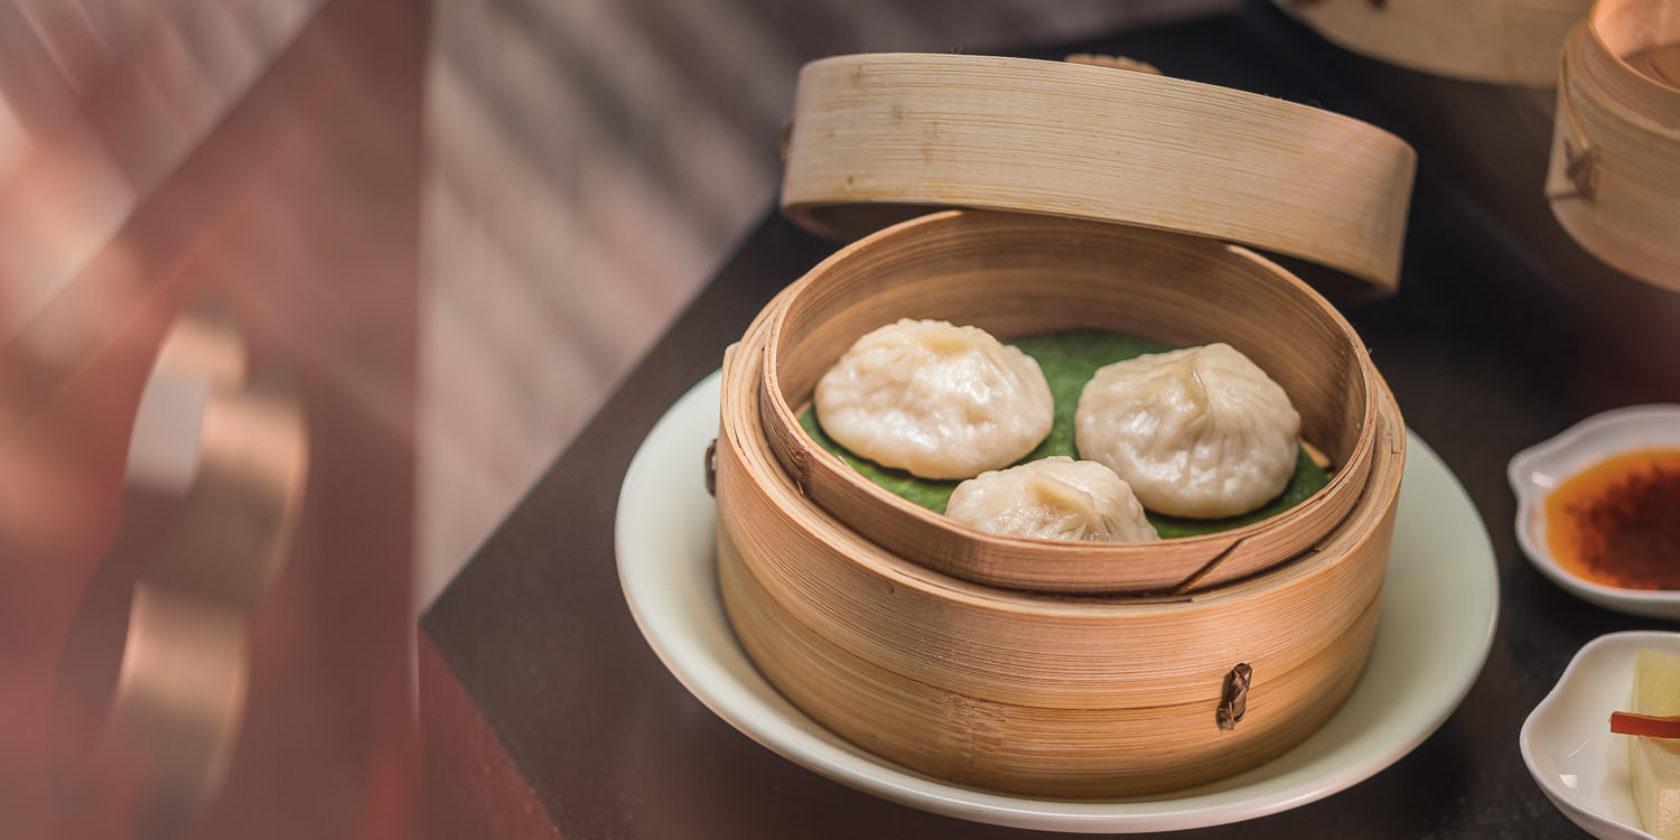 Dumplings in Basket